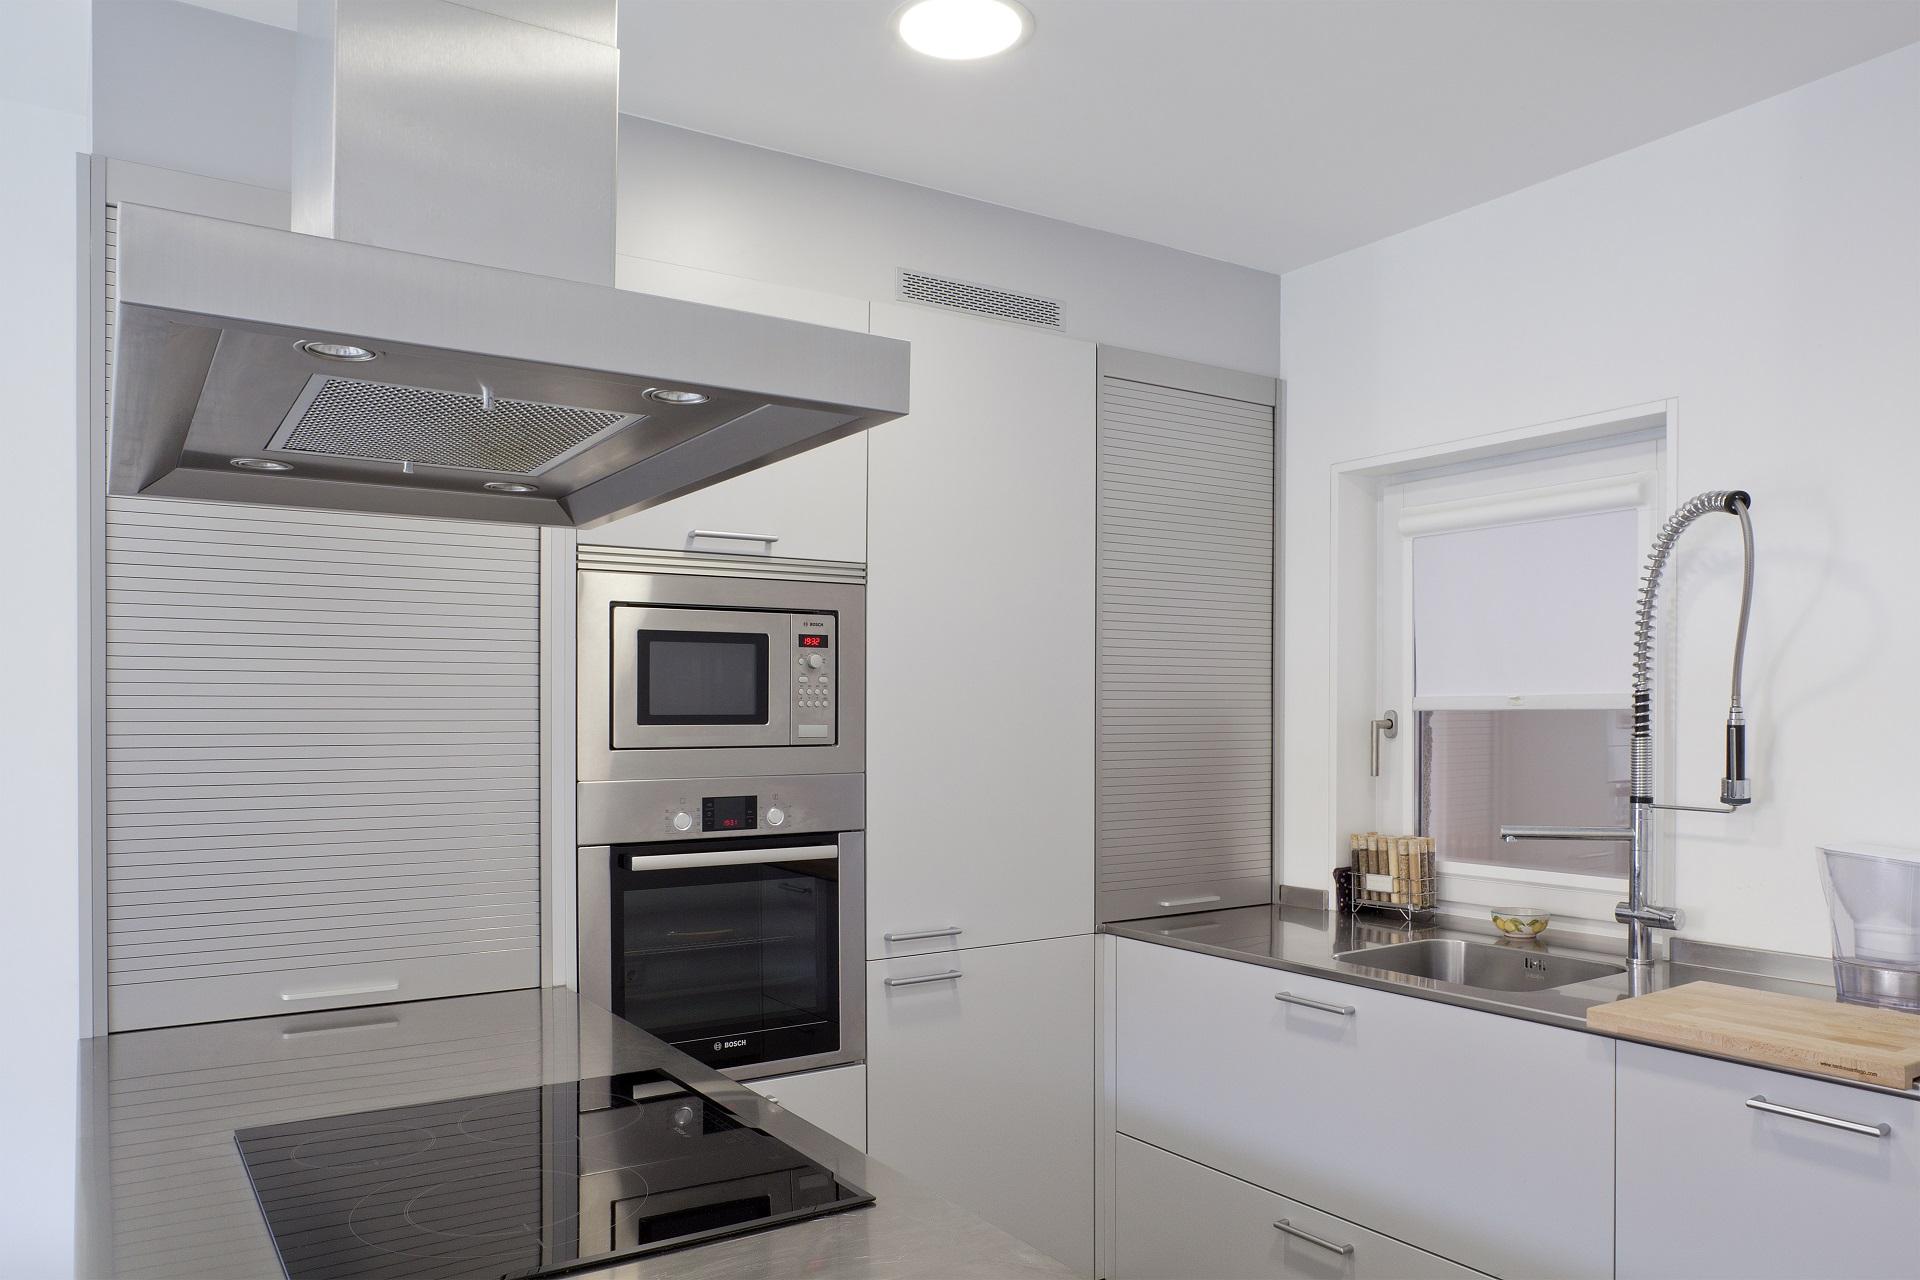 Cociña mobles brancos e mesado gris Santiago Interiores